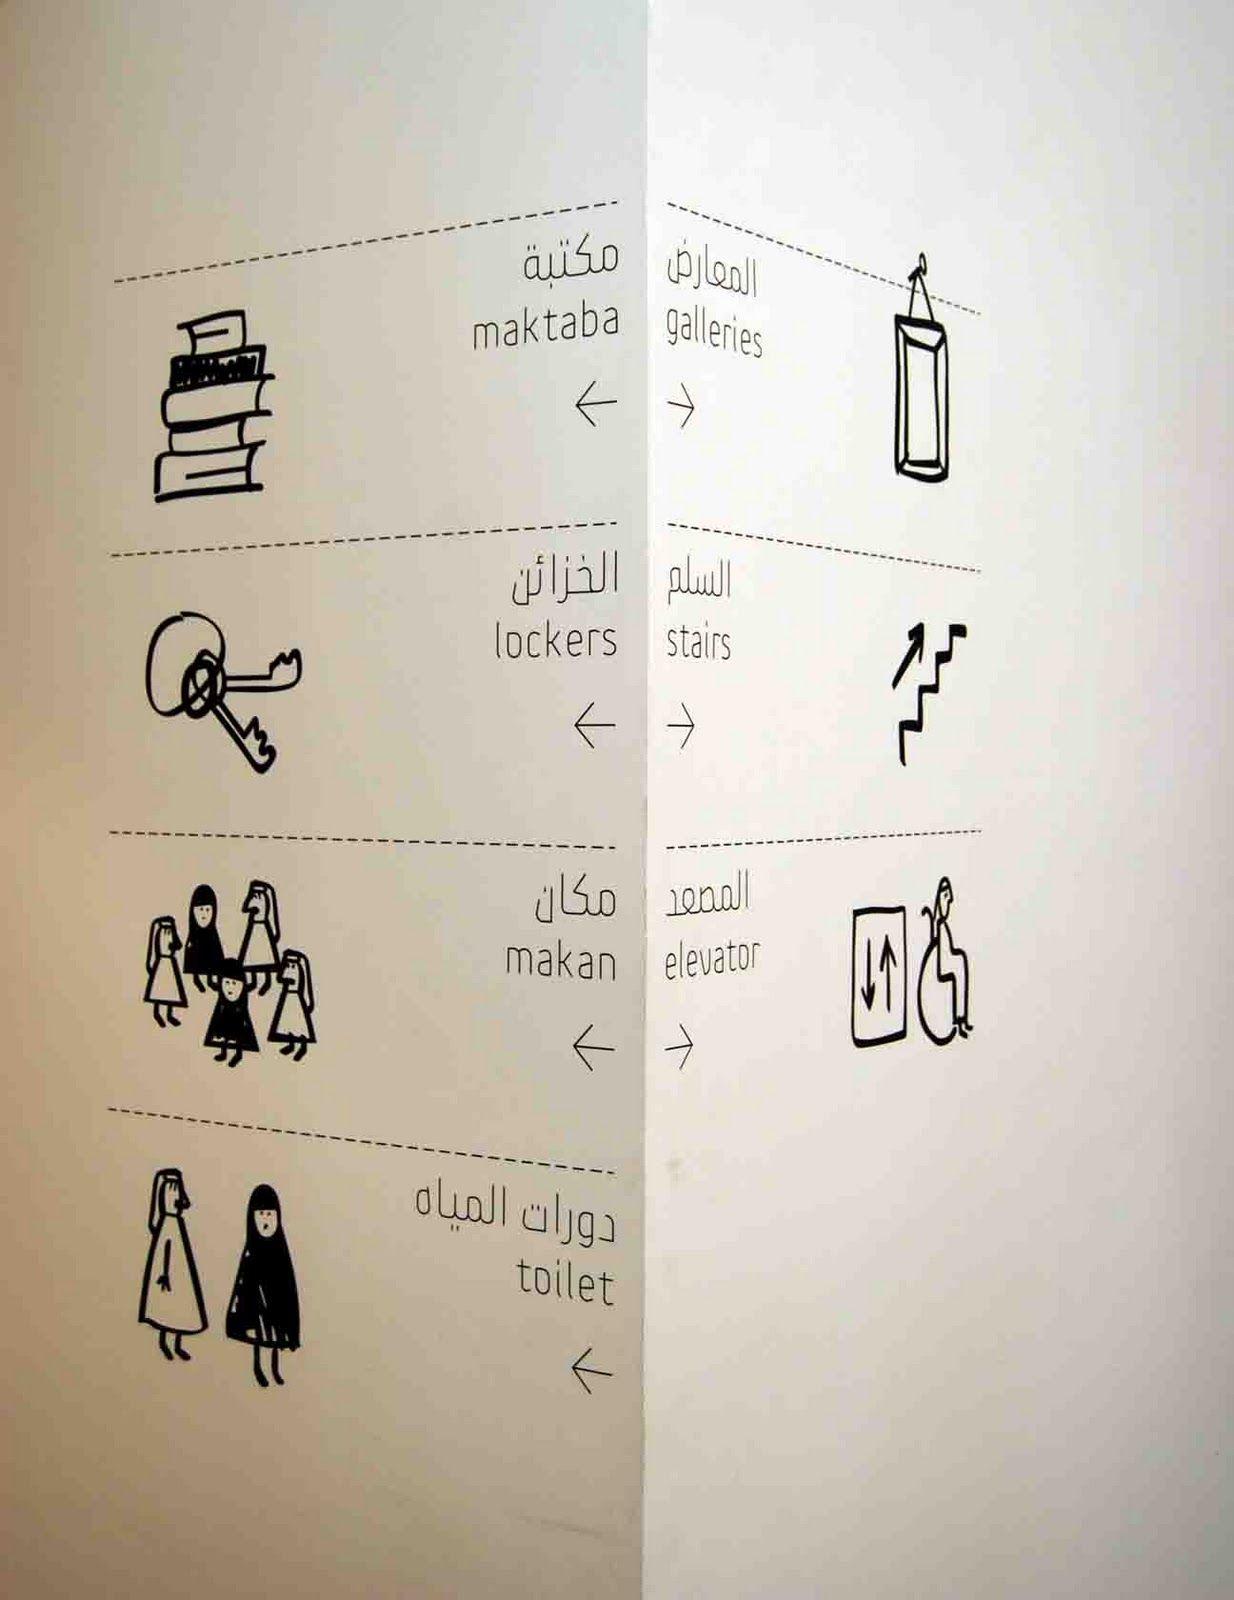 Studio Kq Mathaf Arab Museum Of Modern Art قطر المتحف العربي للفن الحديث Wayfinding Signage Signage Museum Of Modern Art